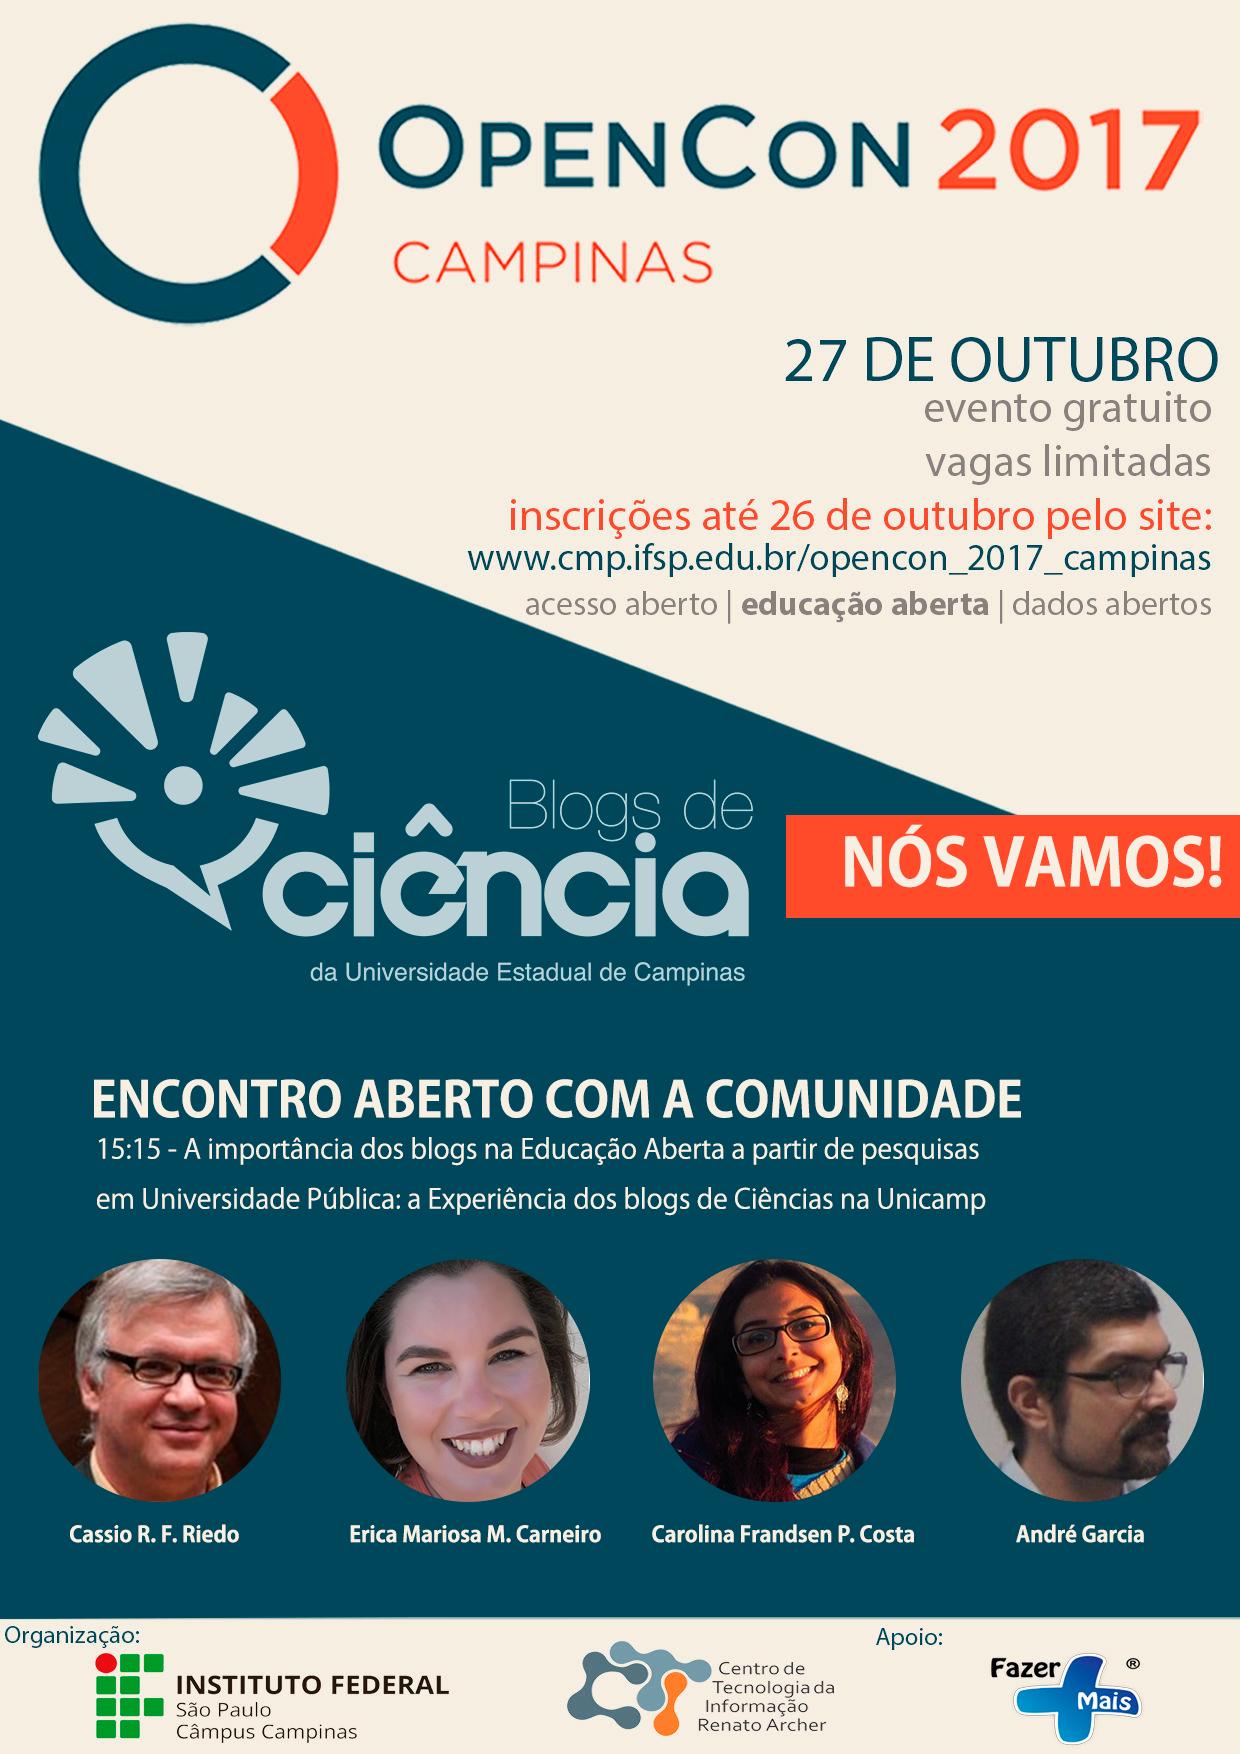 Cartaz de participação no OpenCon 2017-Campinas - movimentos abertos de acesso, educação e dados